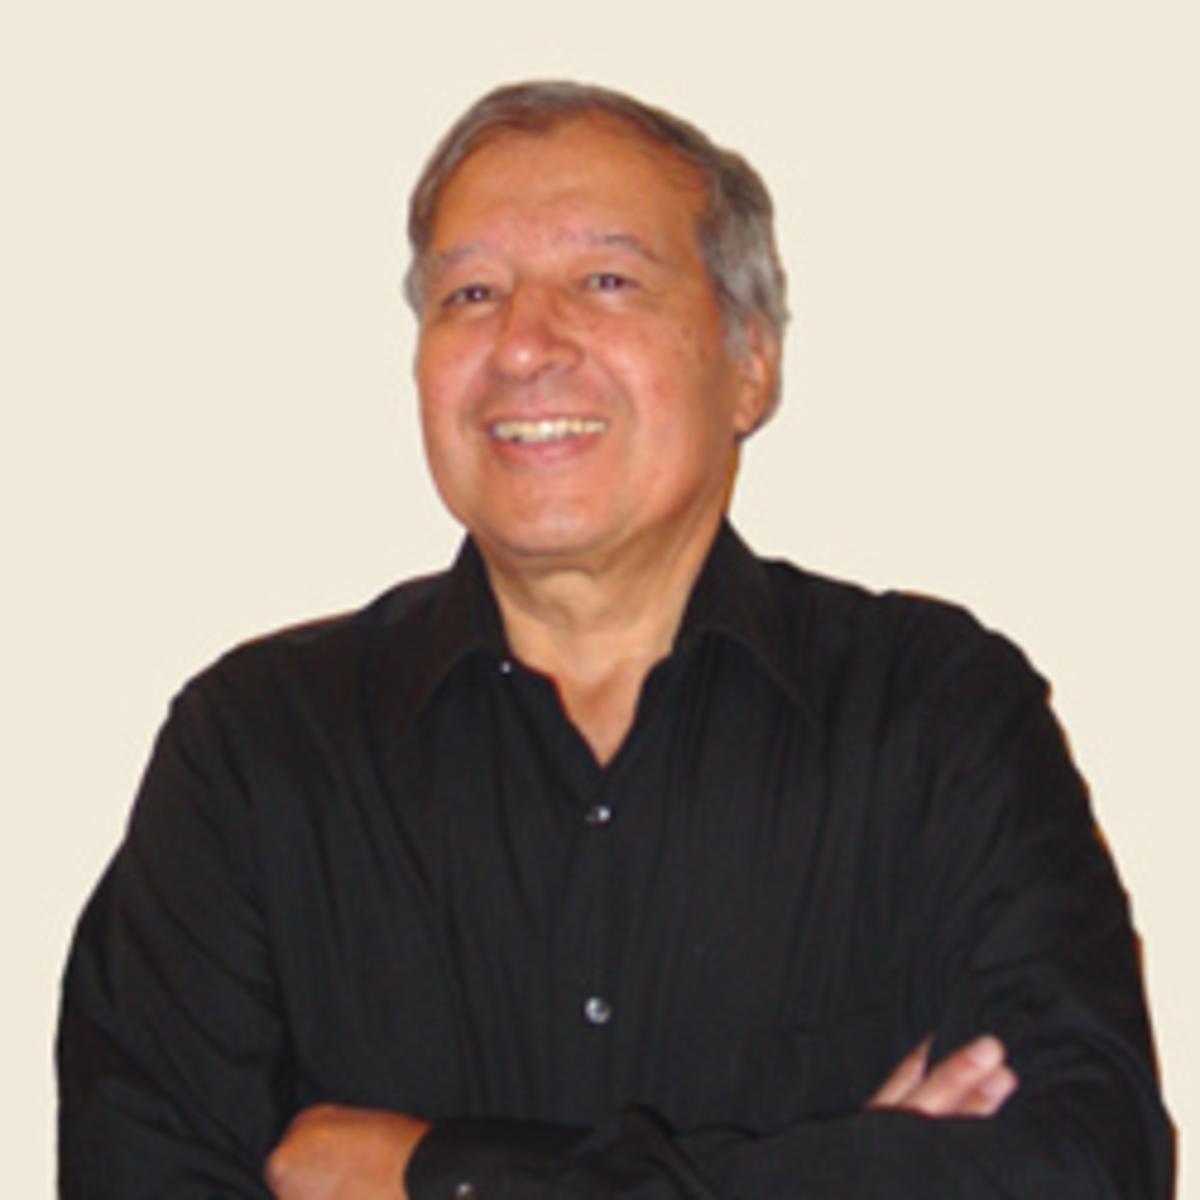 Jorge Cocco